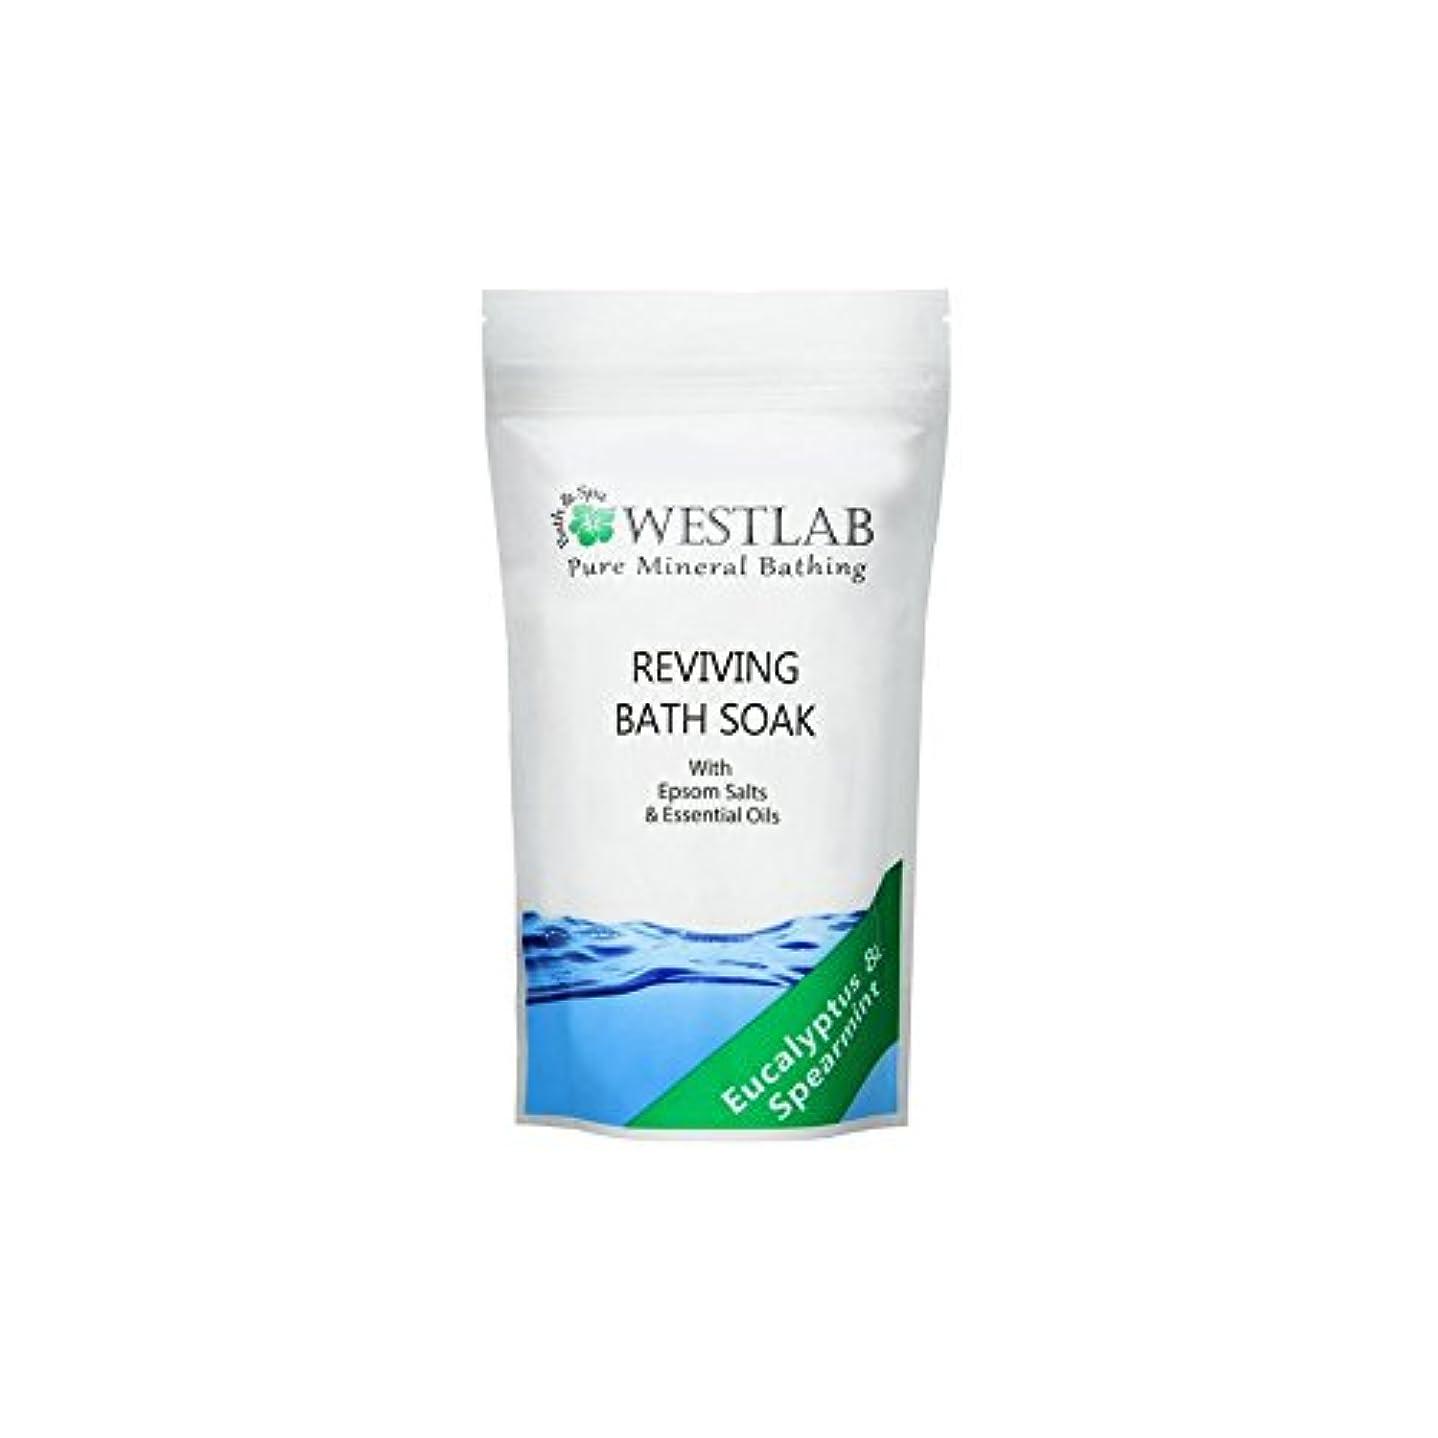 (500グラム)をソークエプソム塩浴を復活させます x4 - Westlab Revive Epsom Salt Bath Soak (500g) (Pack of 4) [並行輸入品]